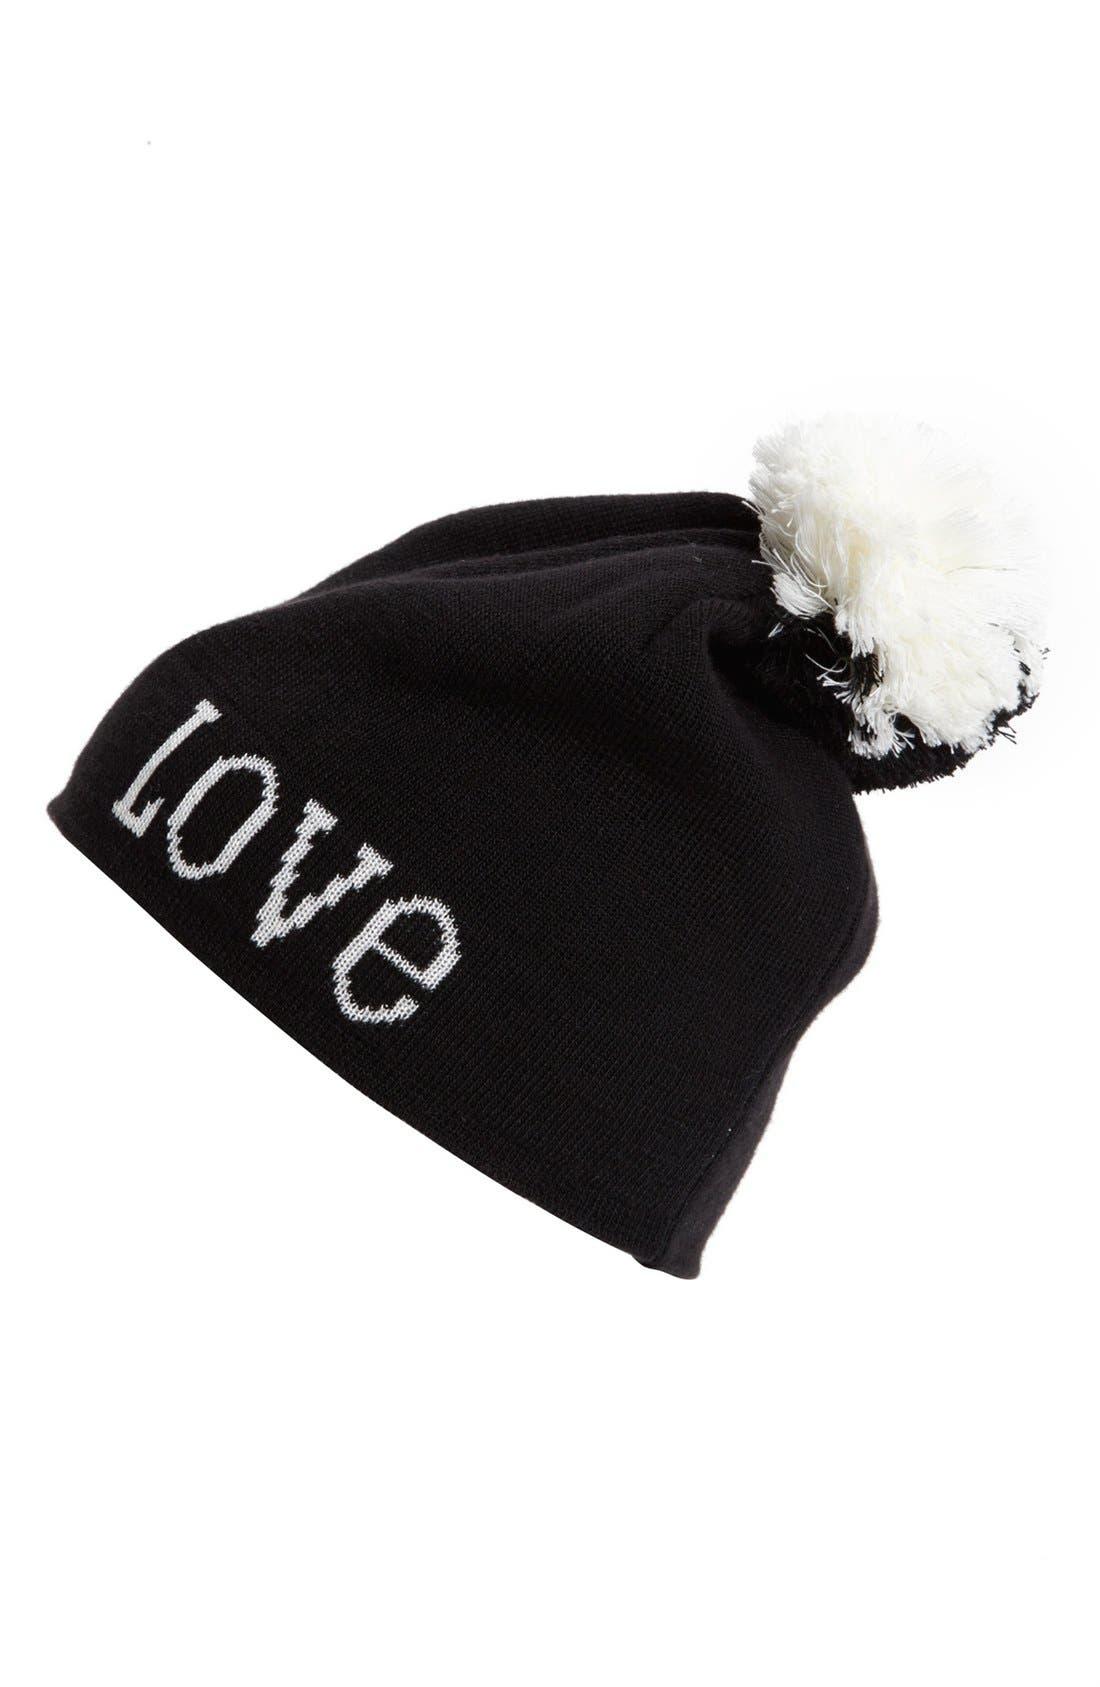 Alternate Image 1 Selected - Jonathan Adler 'Love' Knit Beanie